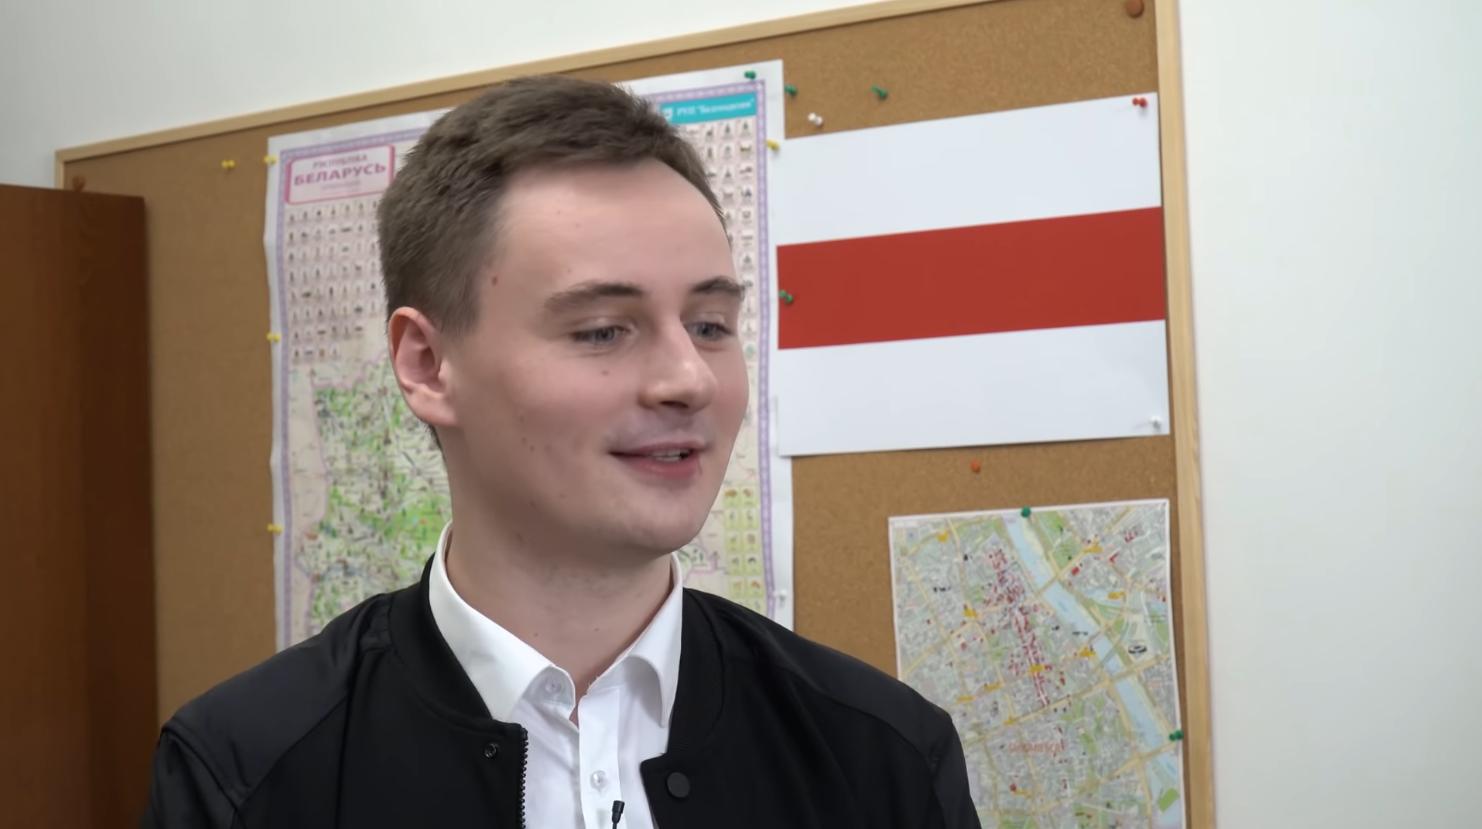 Белоруссия признала крупнейший новостной канал в Telegram экстремистским